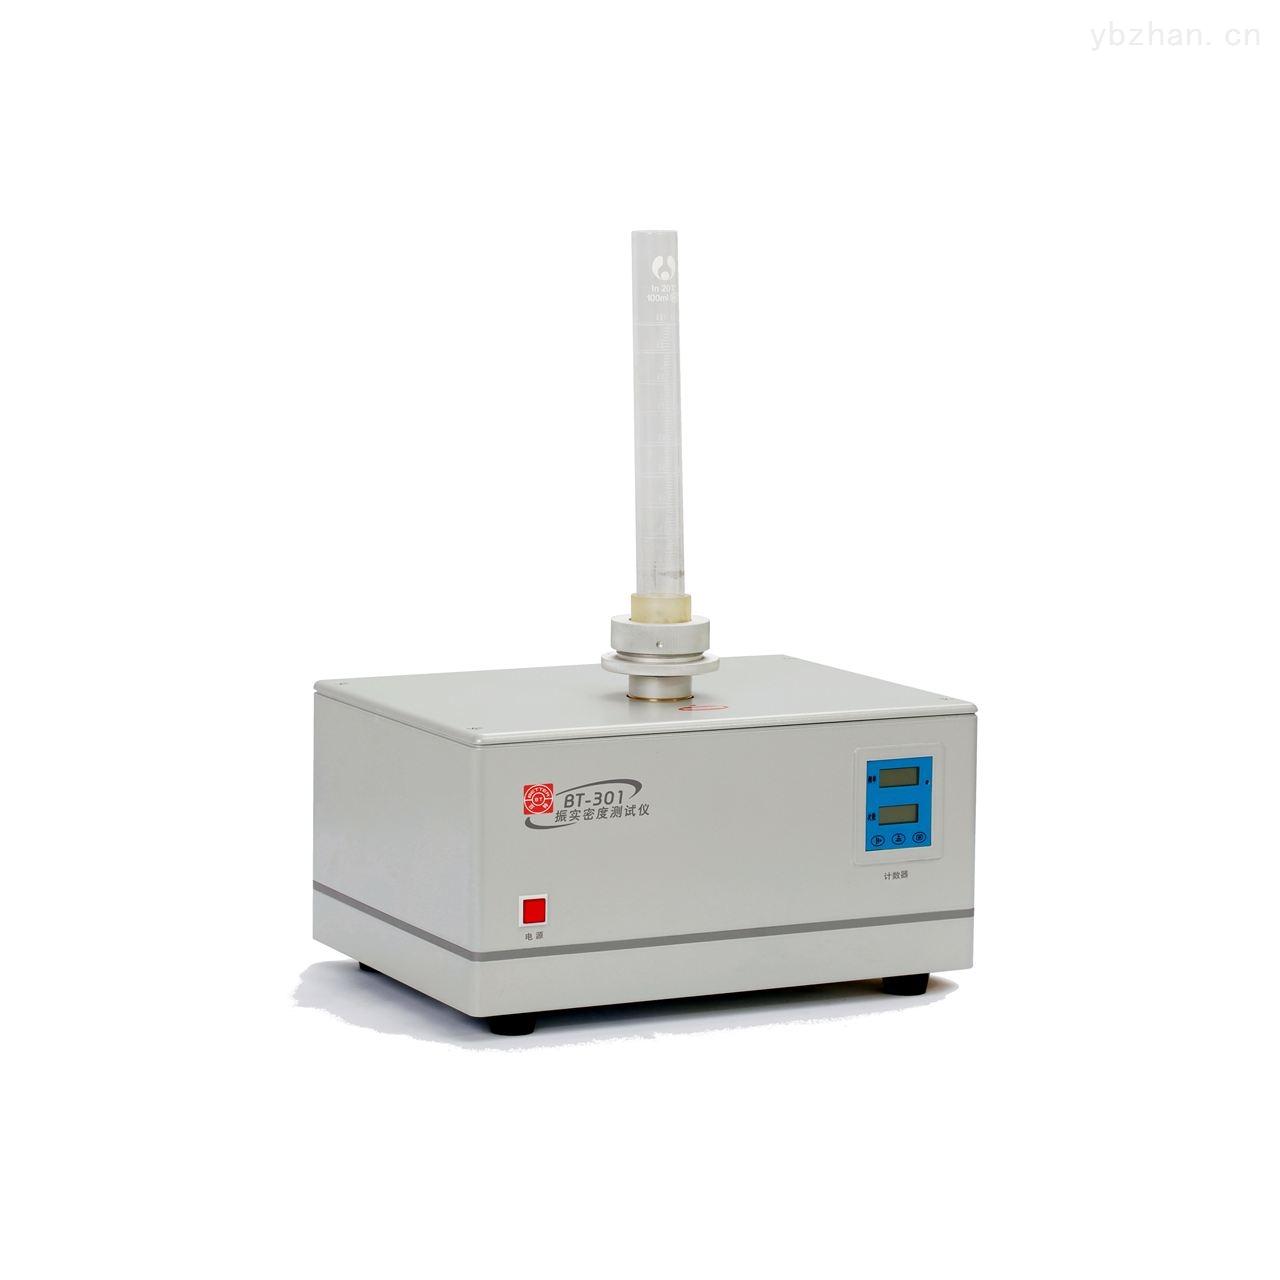 厂家直供高精确度粉末振实密度测量仪器